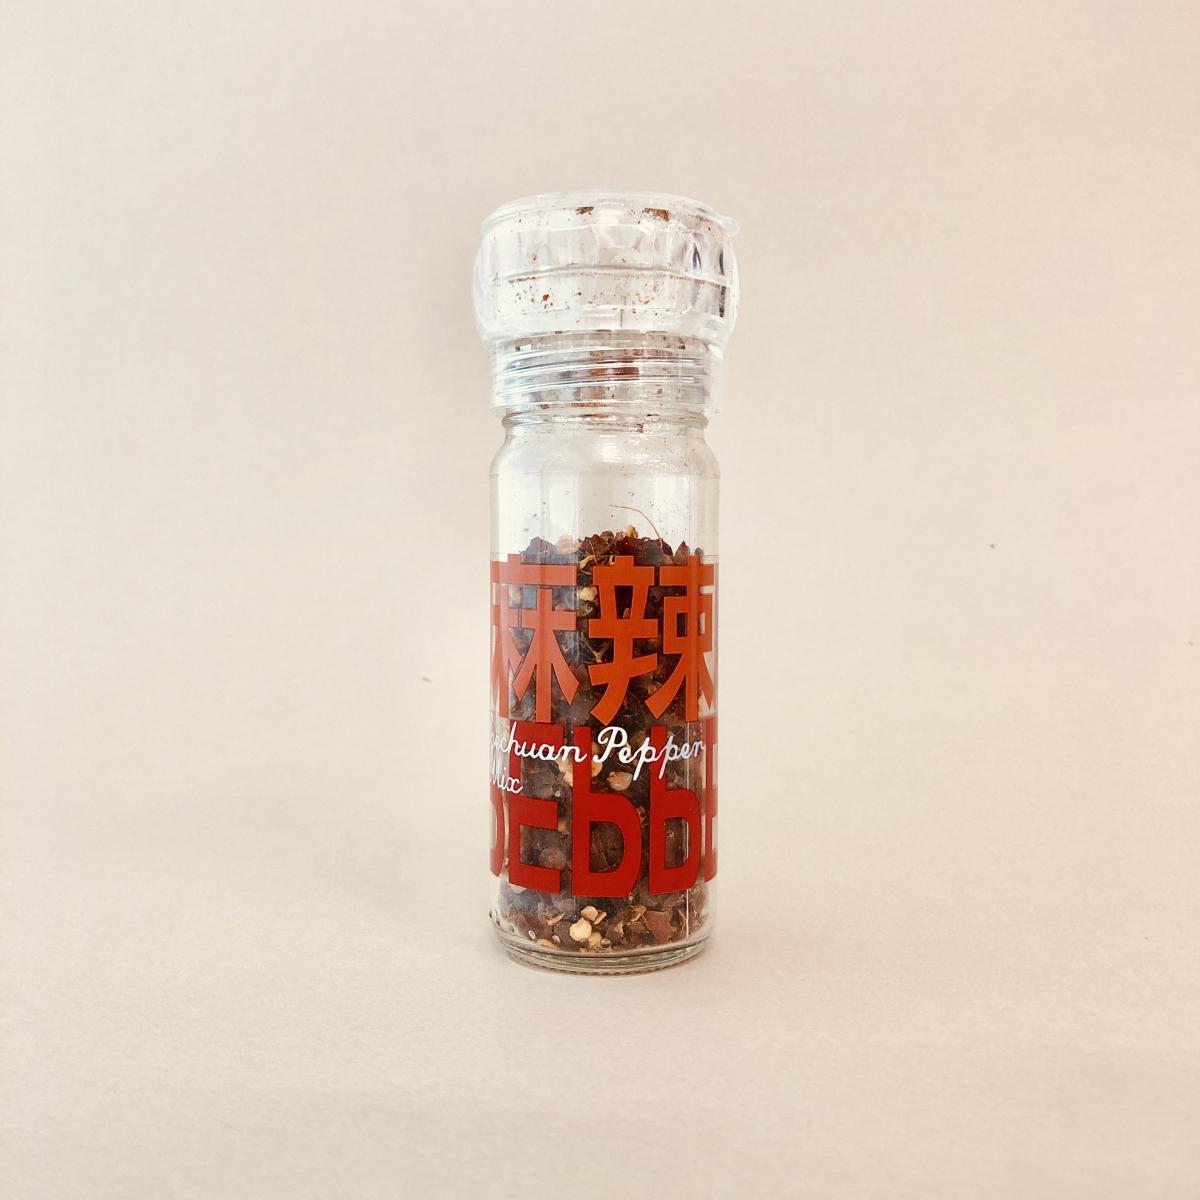 「スパイスアップ 麻辣ペッパー」306円(税込み)。